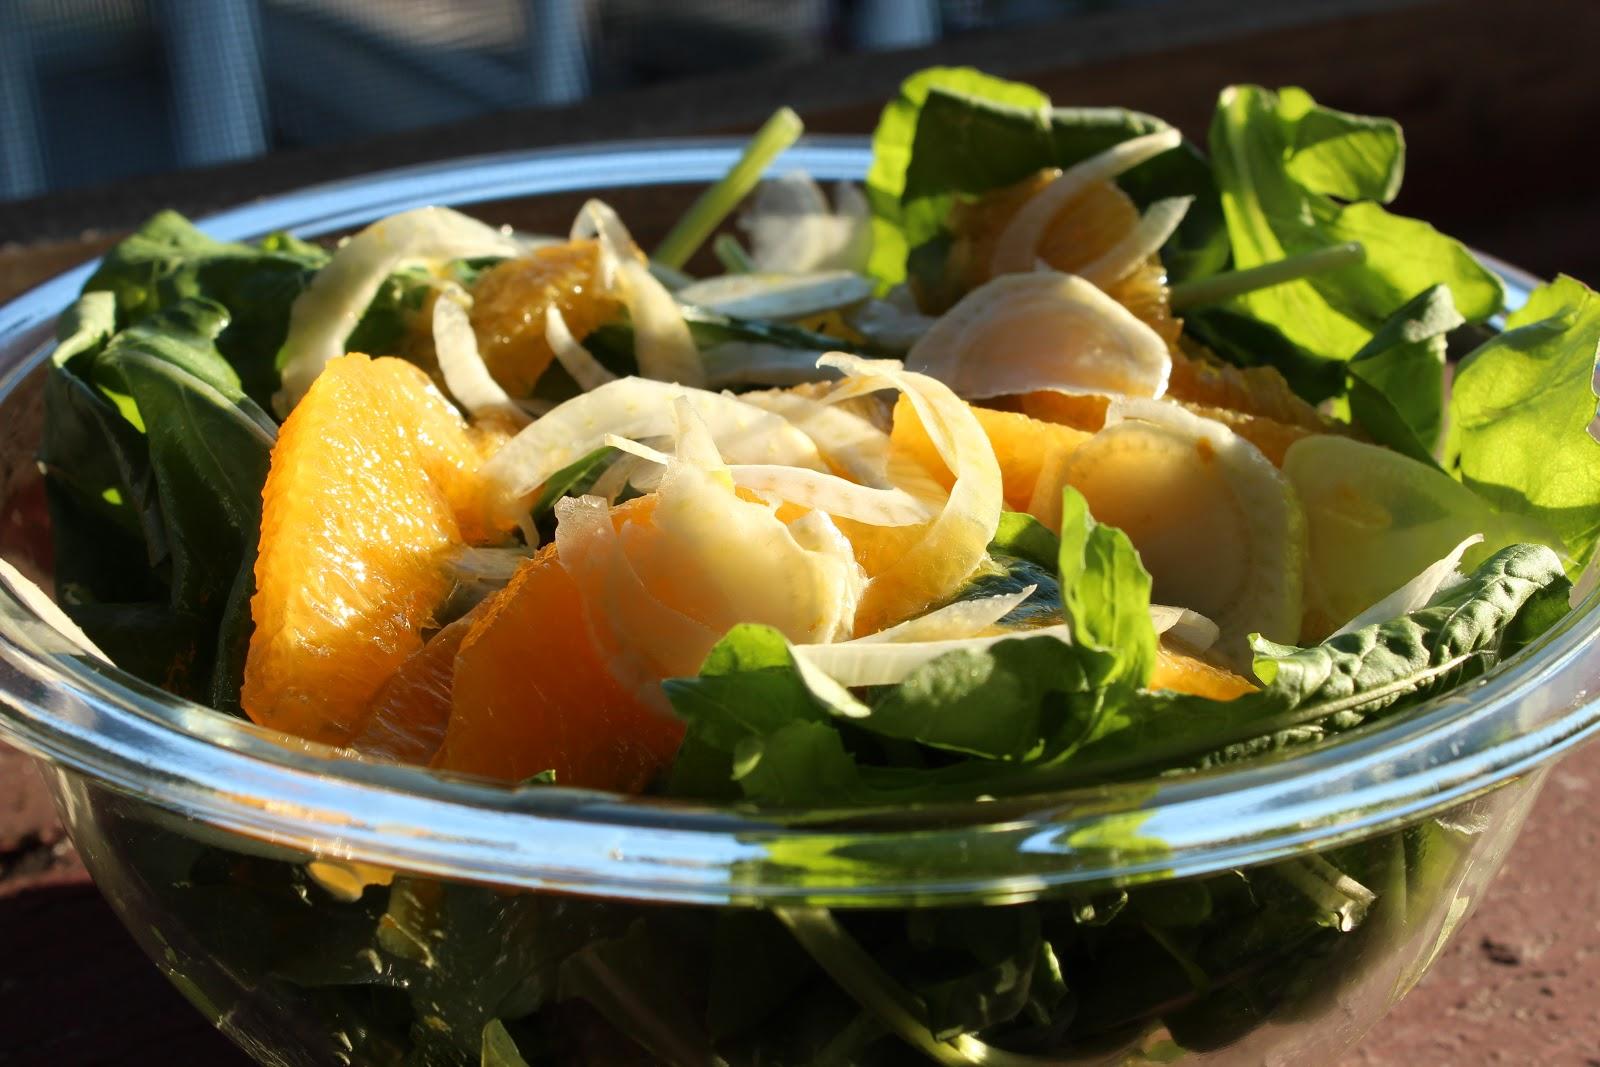 ... Farm: Arugula, Orange, & Fennel Salad with a Citrus Vinaigrette